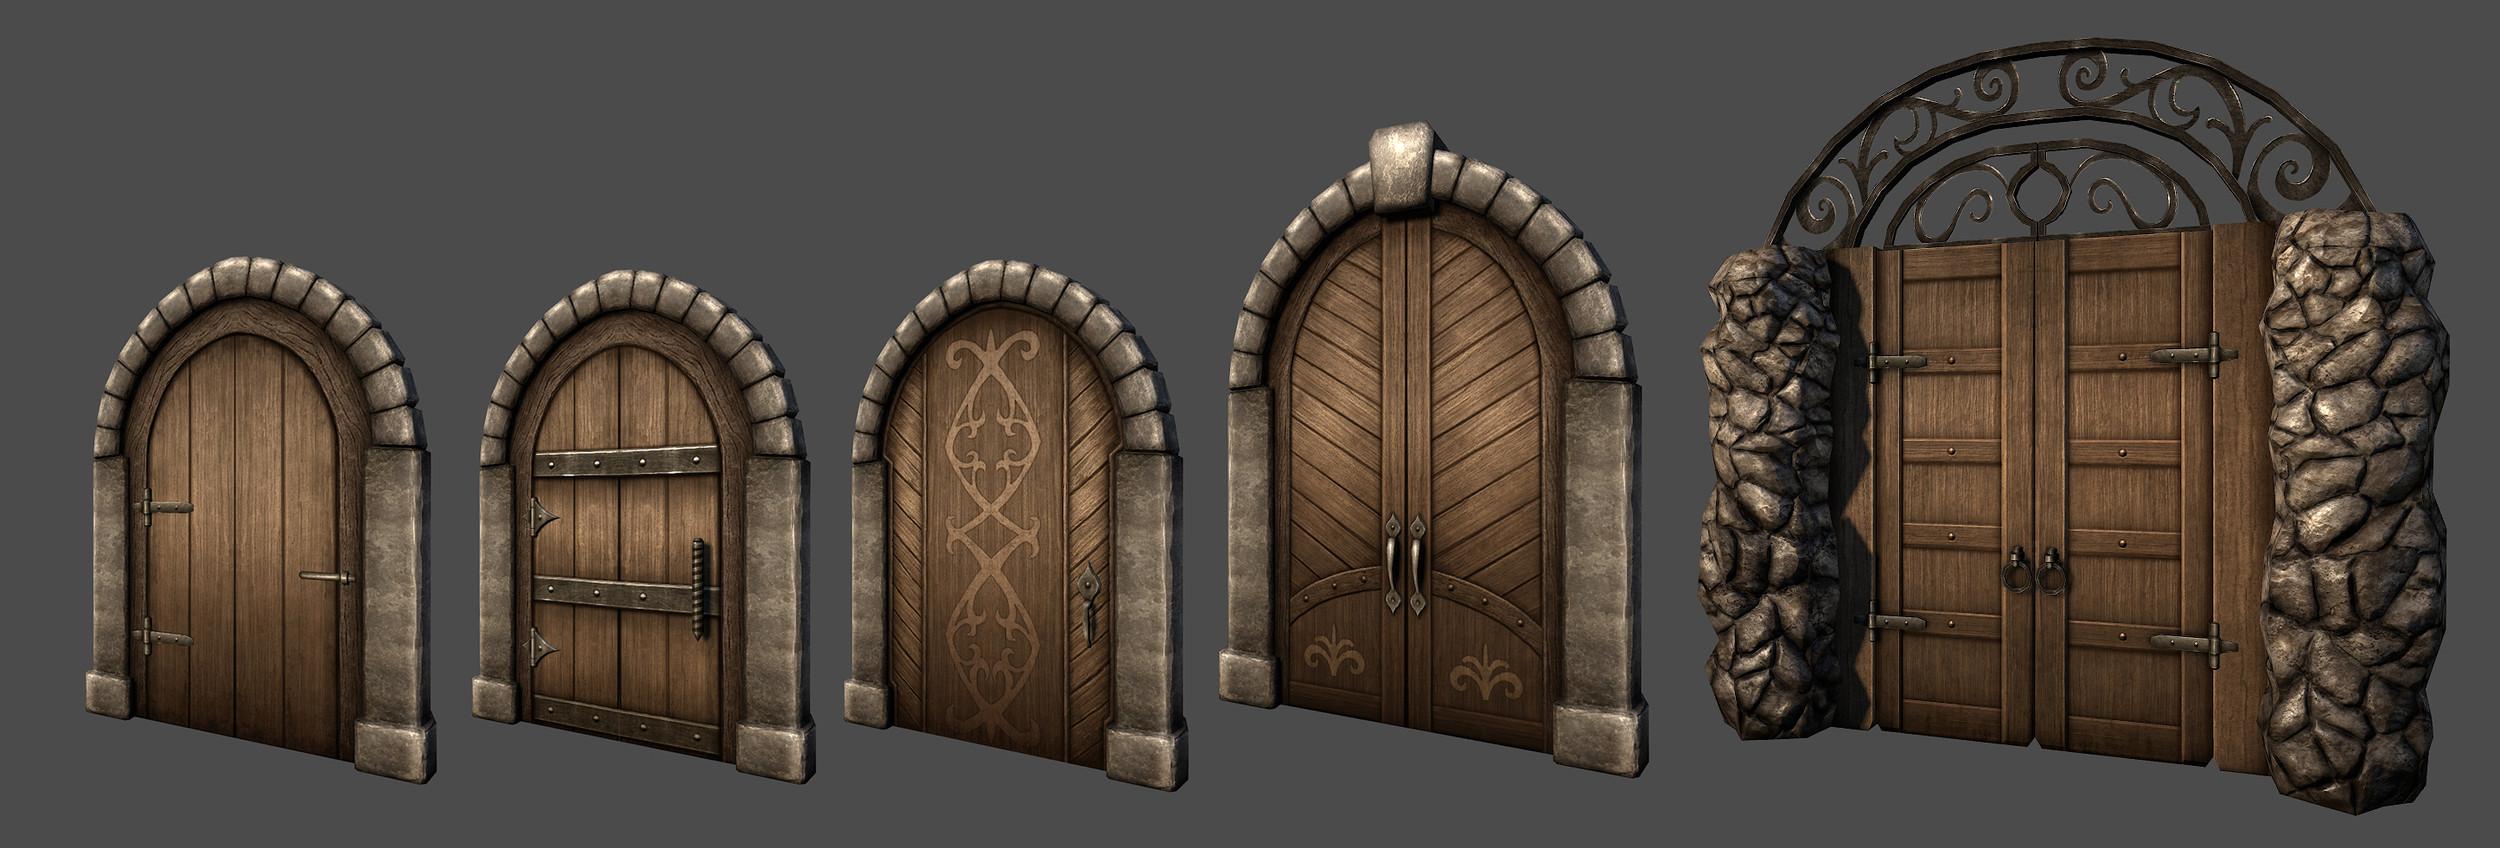 Eveningstar Doors